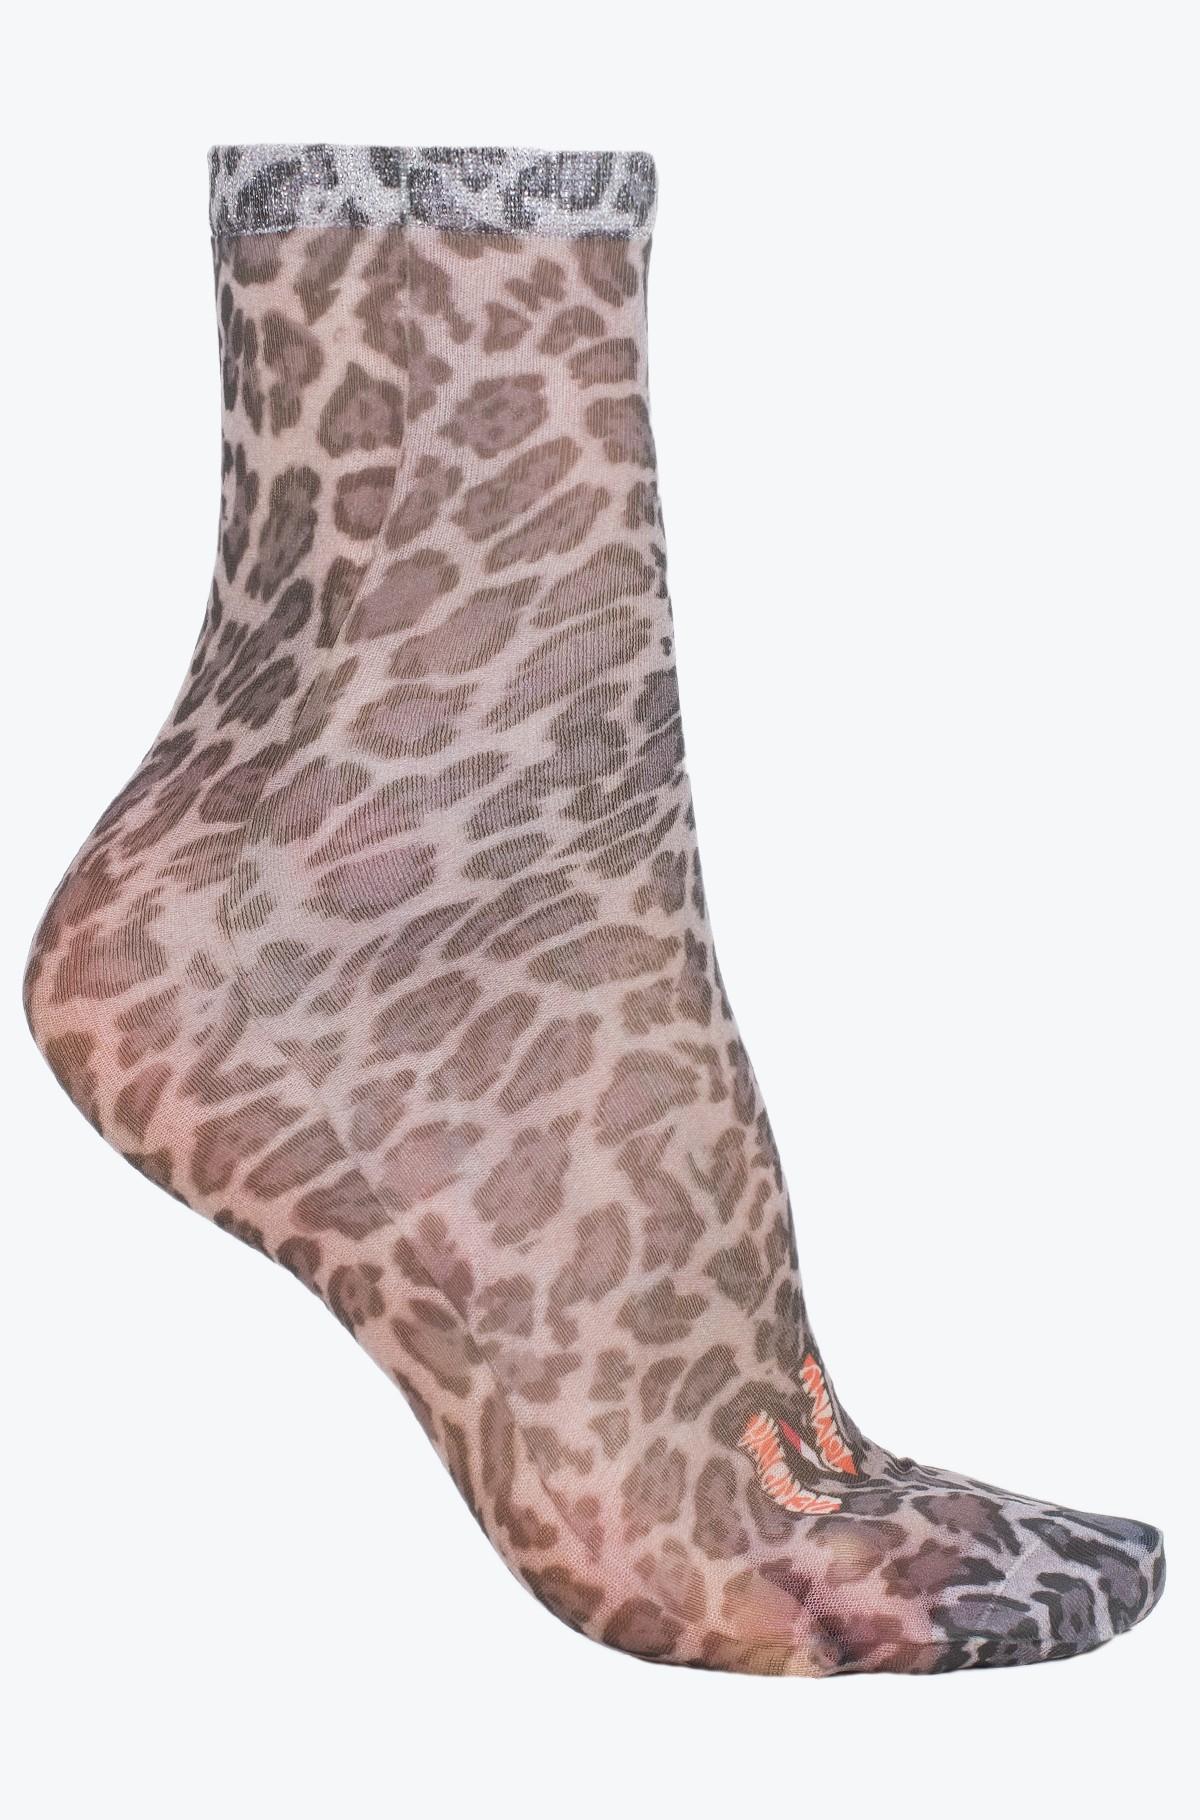 Socks 493301001-full-1